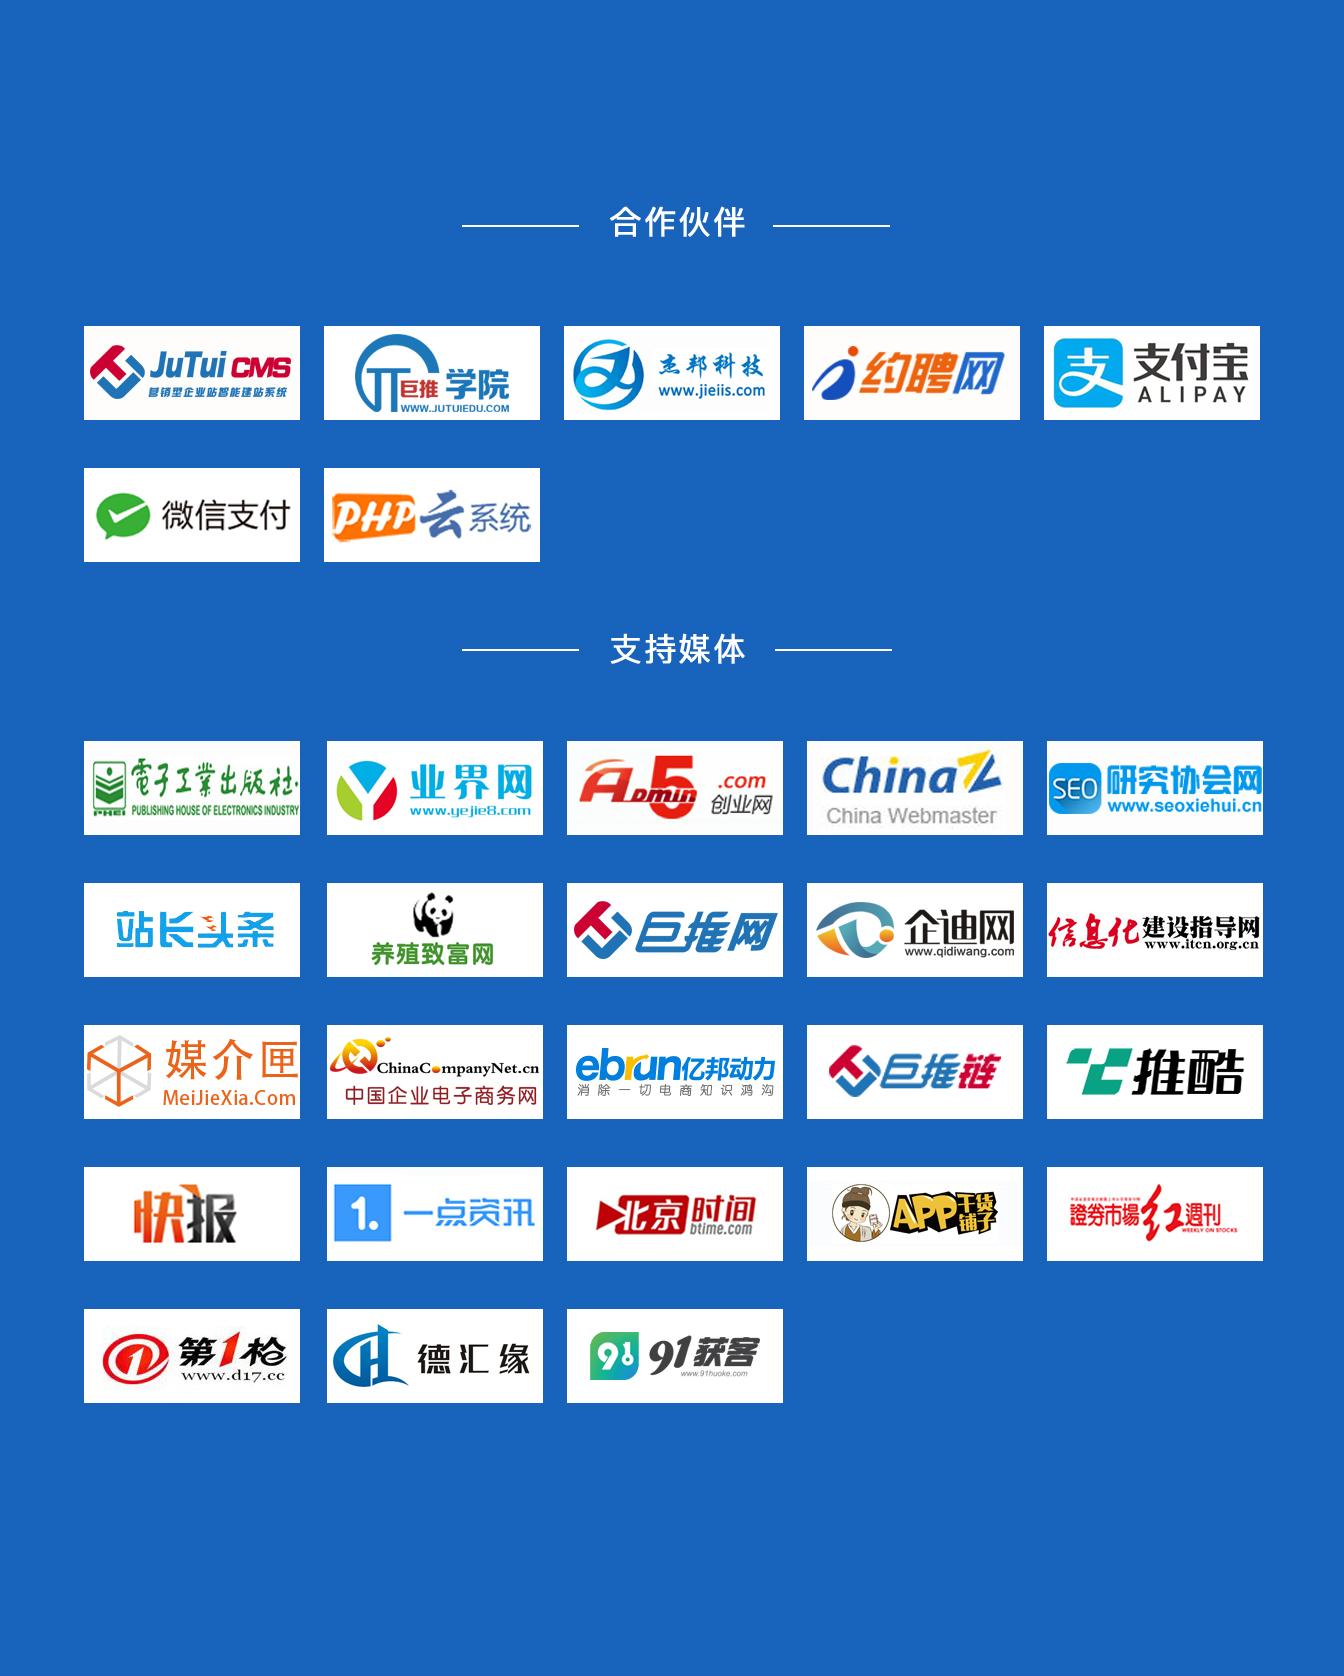 2020第五届中国网络营销行业大会(CNMIC2020北京)